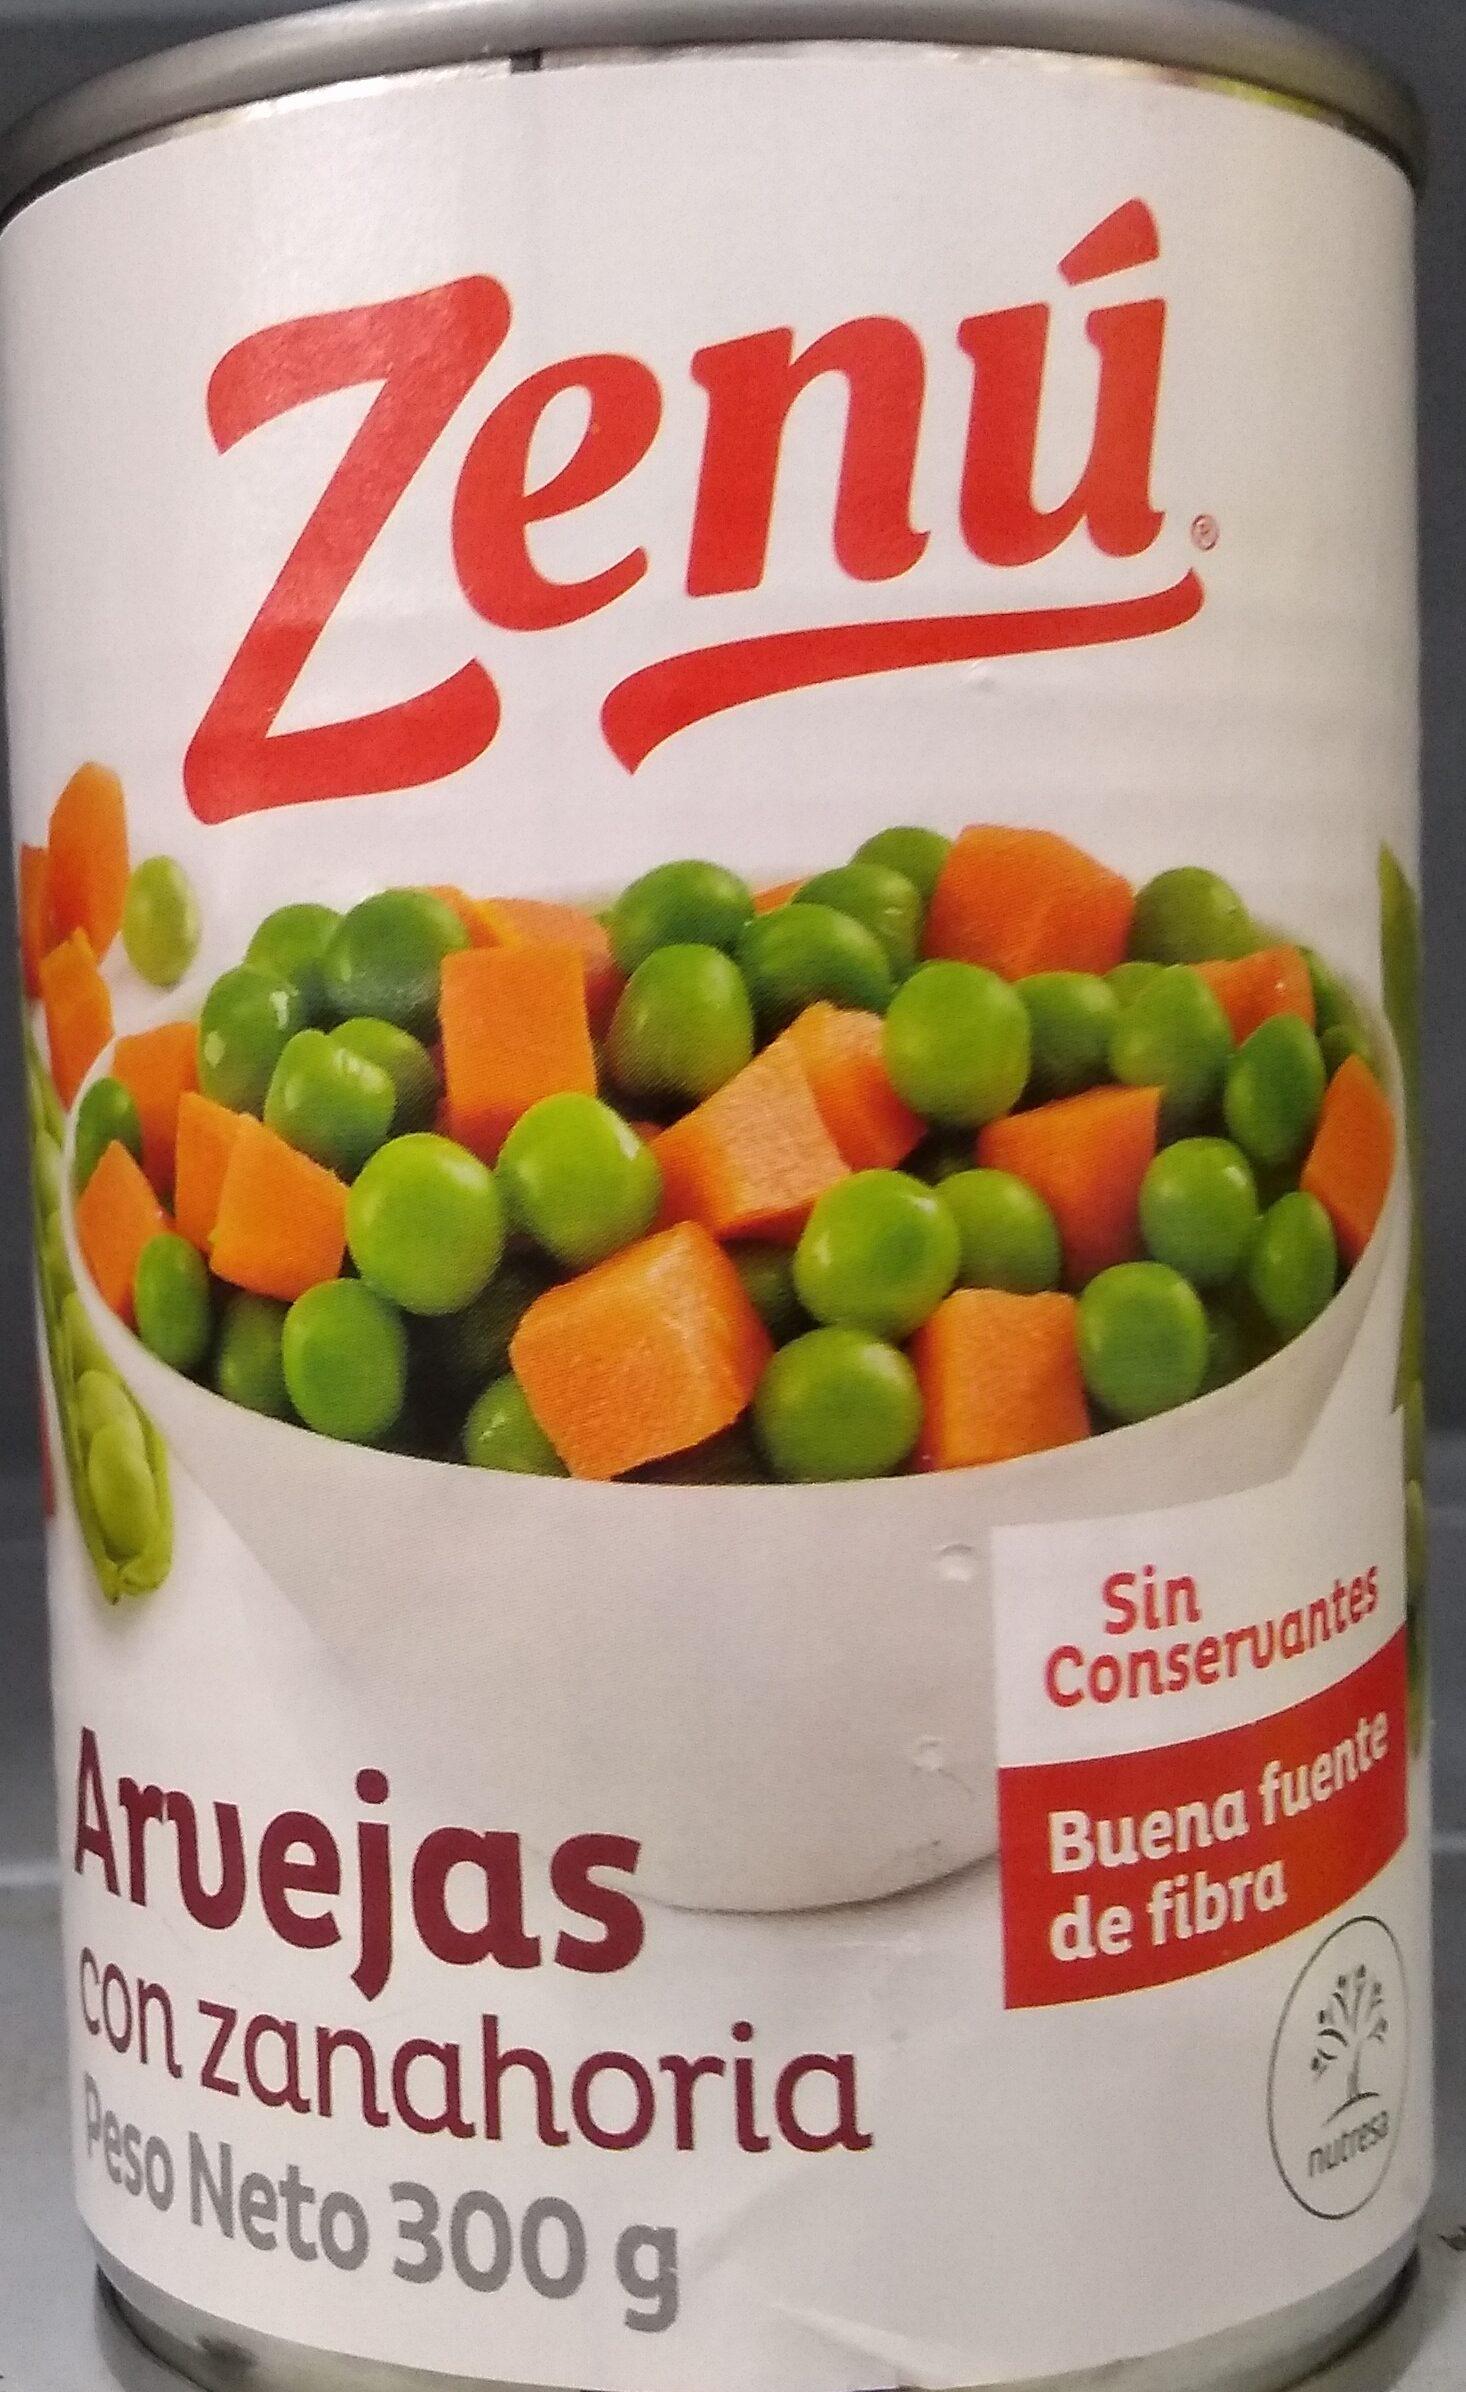 Arvejas Con Zanahoria Zenu 300 G Arvejas con tomate y zanahoria una rica ensalada que podemos comer templada o fría, ideal como entrante o acompañamiento de una comida. https creativecommons org licenses by sa 3 0